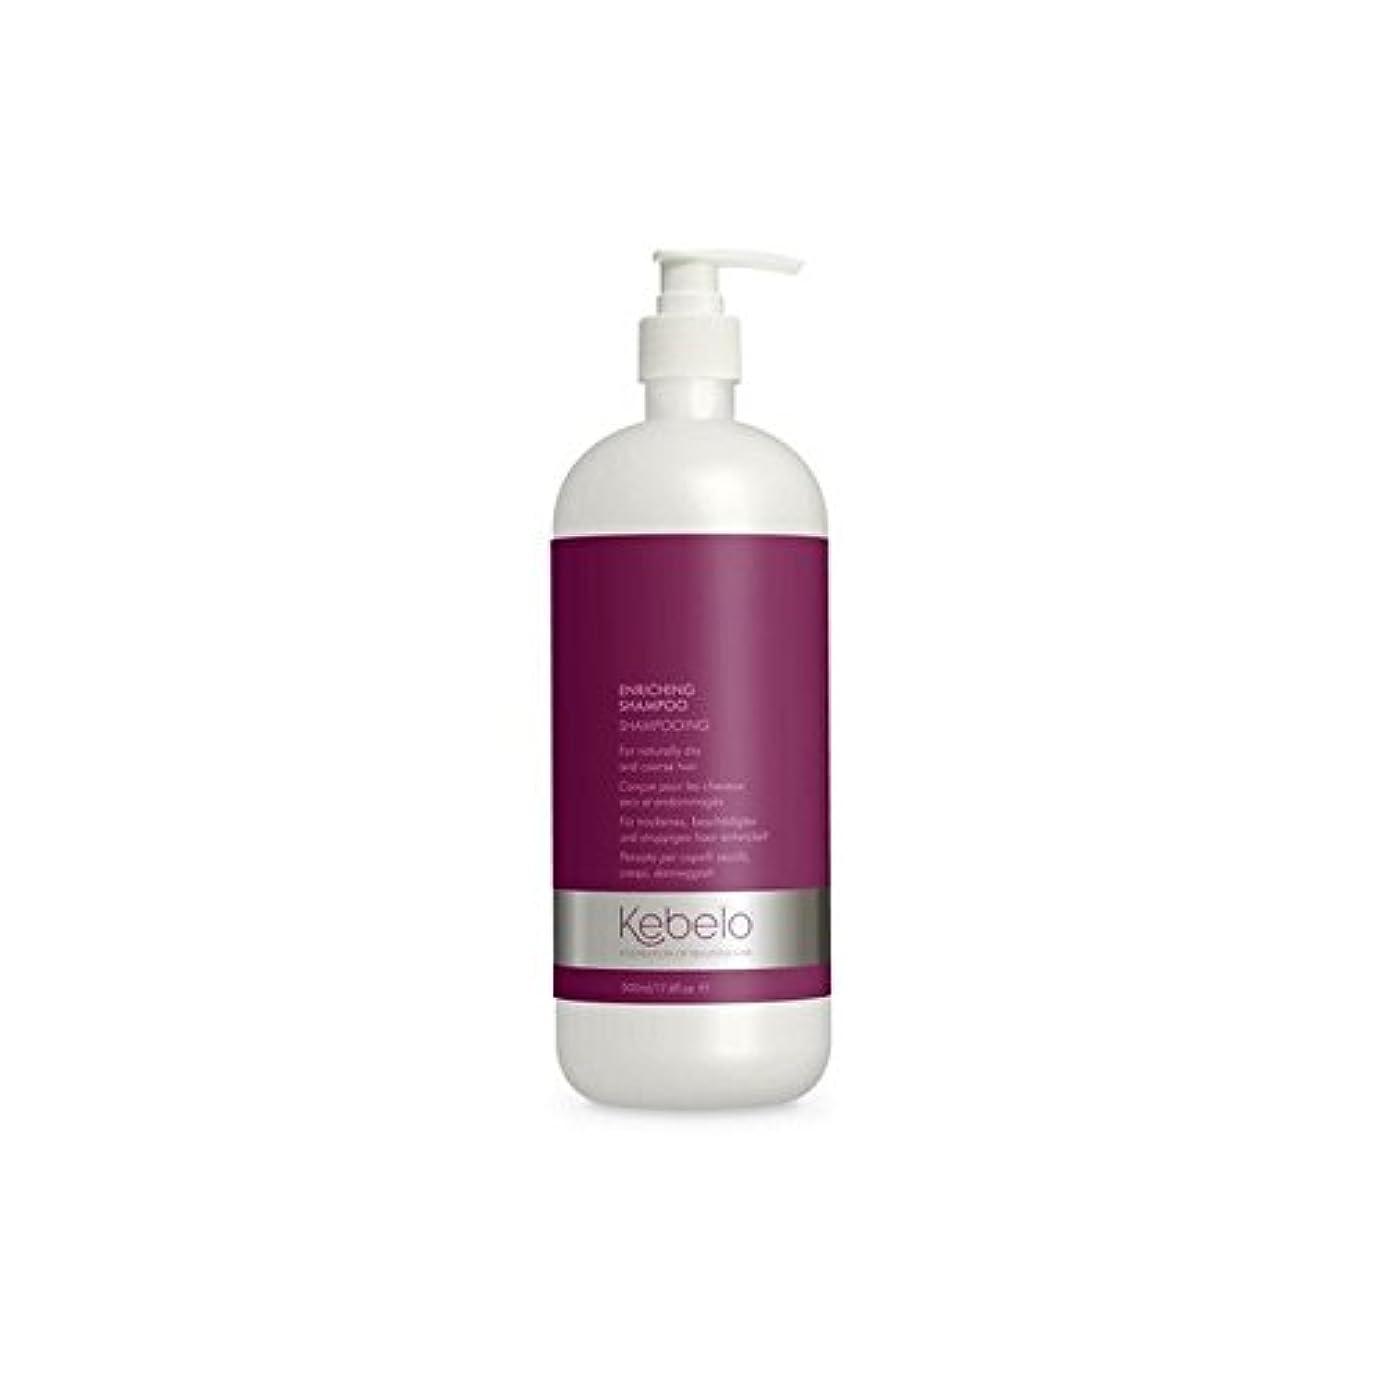 健康的もっと少なく合成シャンプー500ミリリットルを豊かに x4 - Kebelo Enriching Shampoo 500ml (Pack of 4) [並行輸入品]